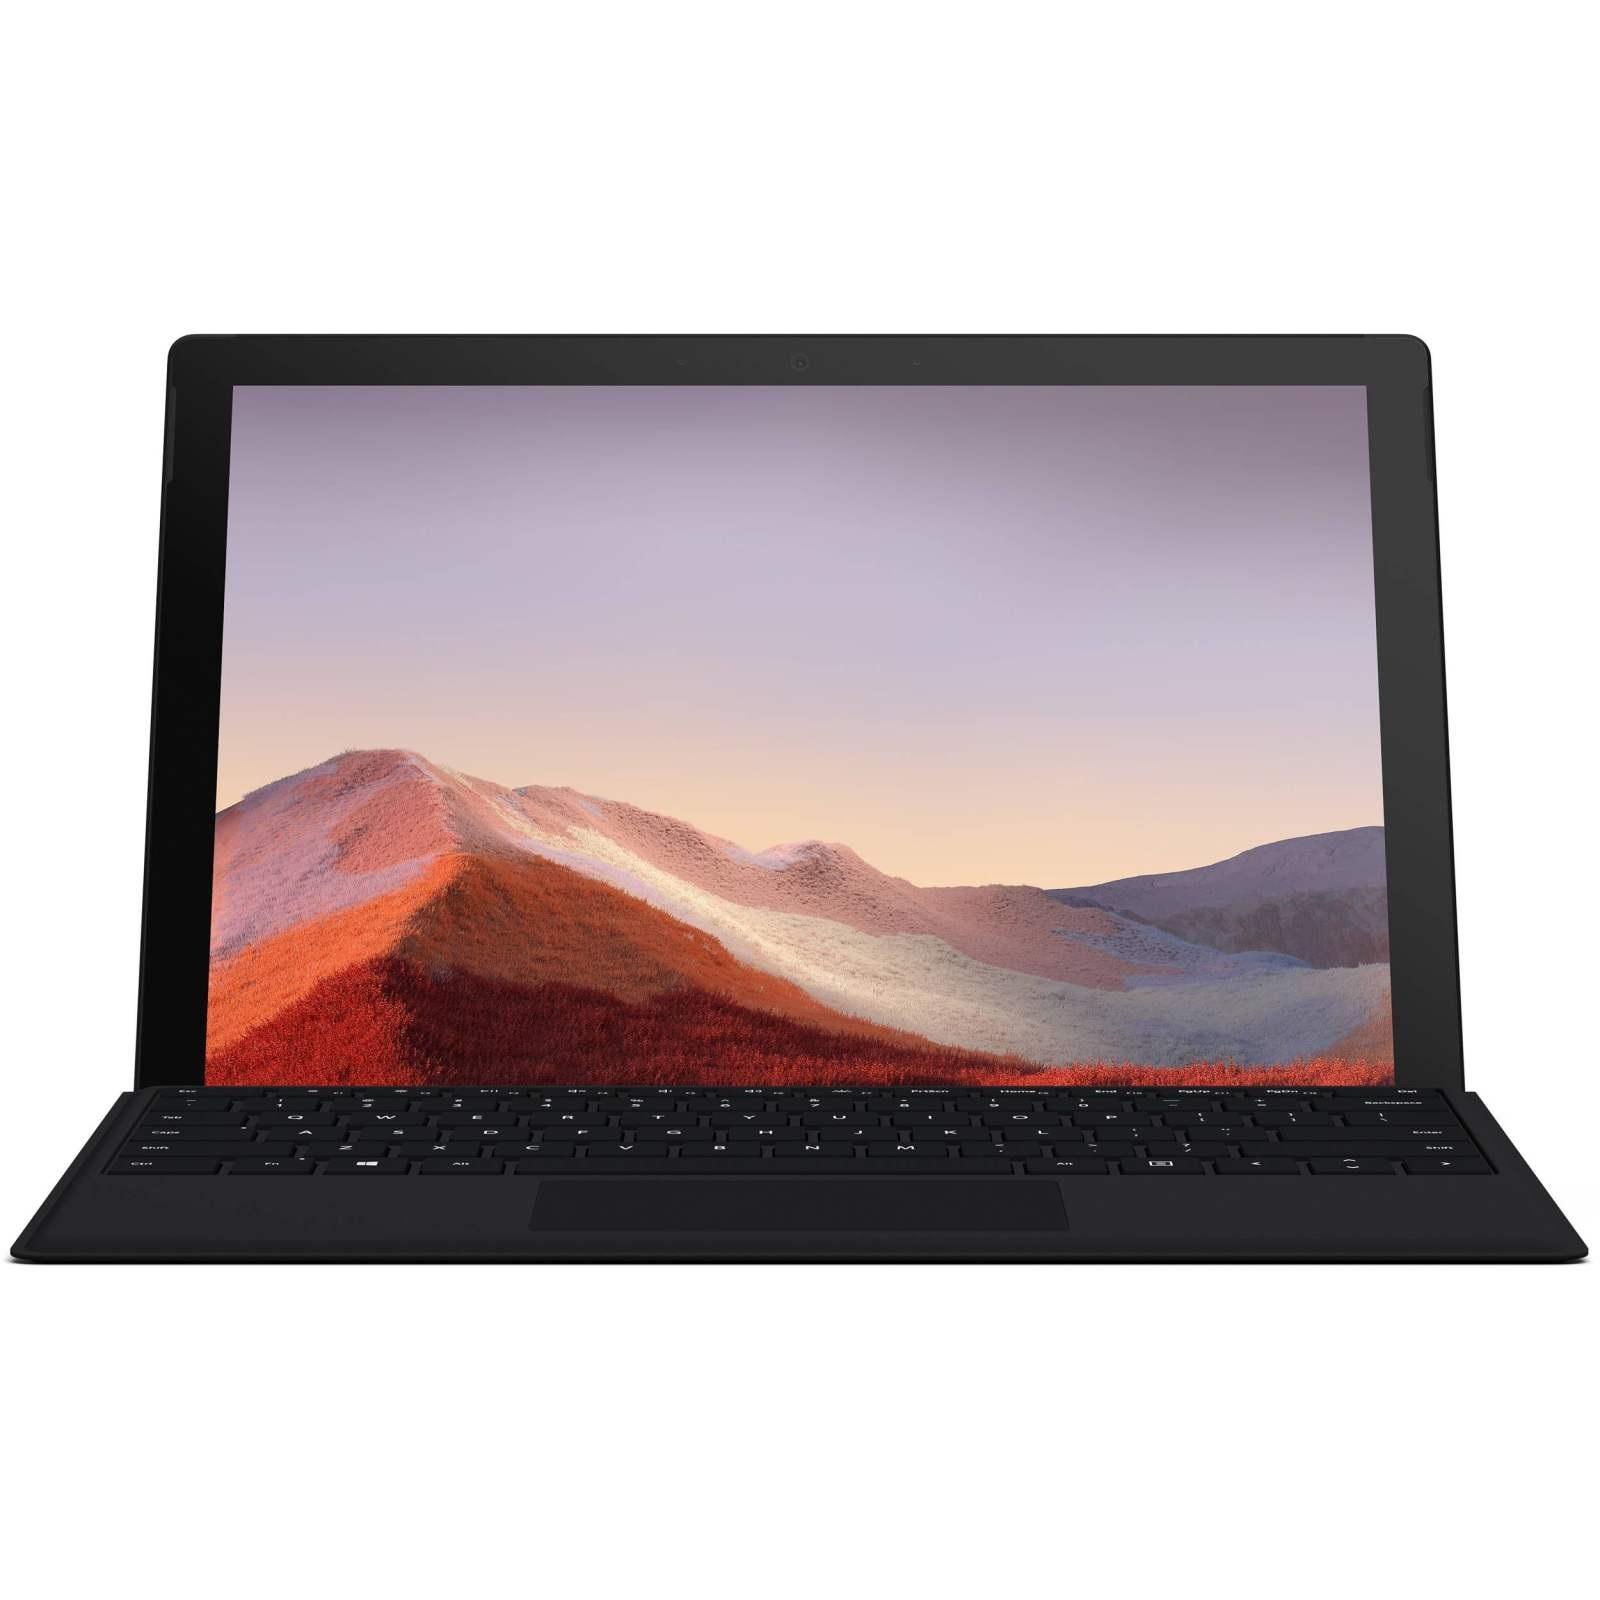 فروش نقدی و اقساطی تبلت مایکروسافت مدل Microsoft Surface Pro 7 - C به همراه کیبورد Signature